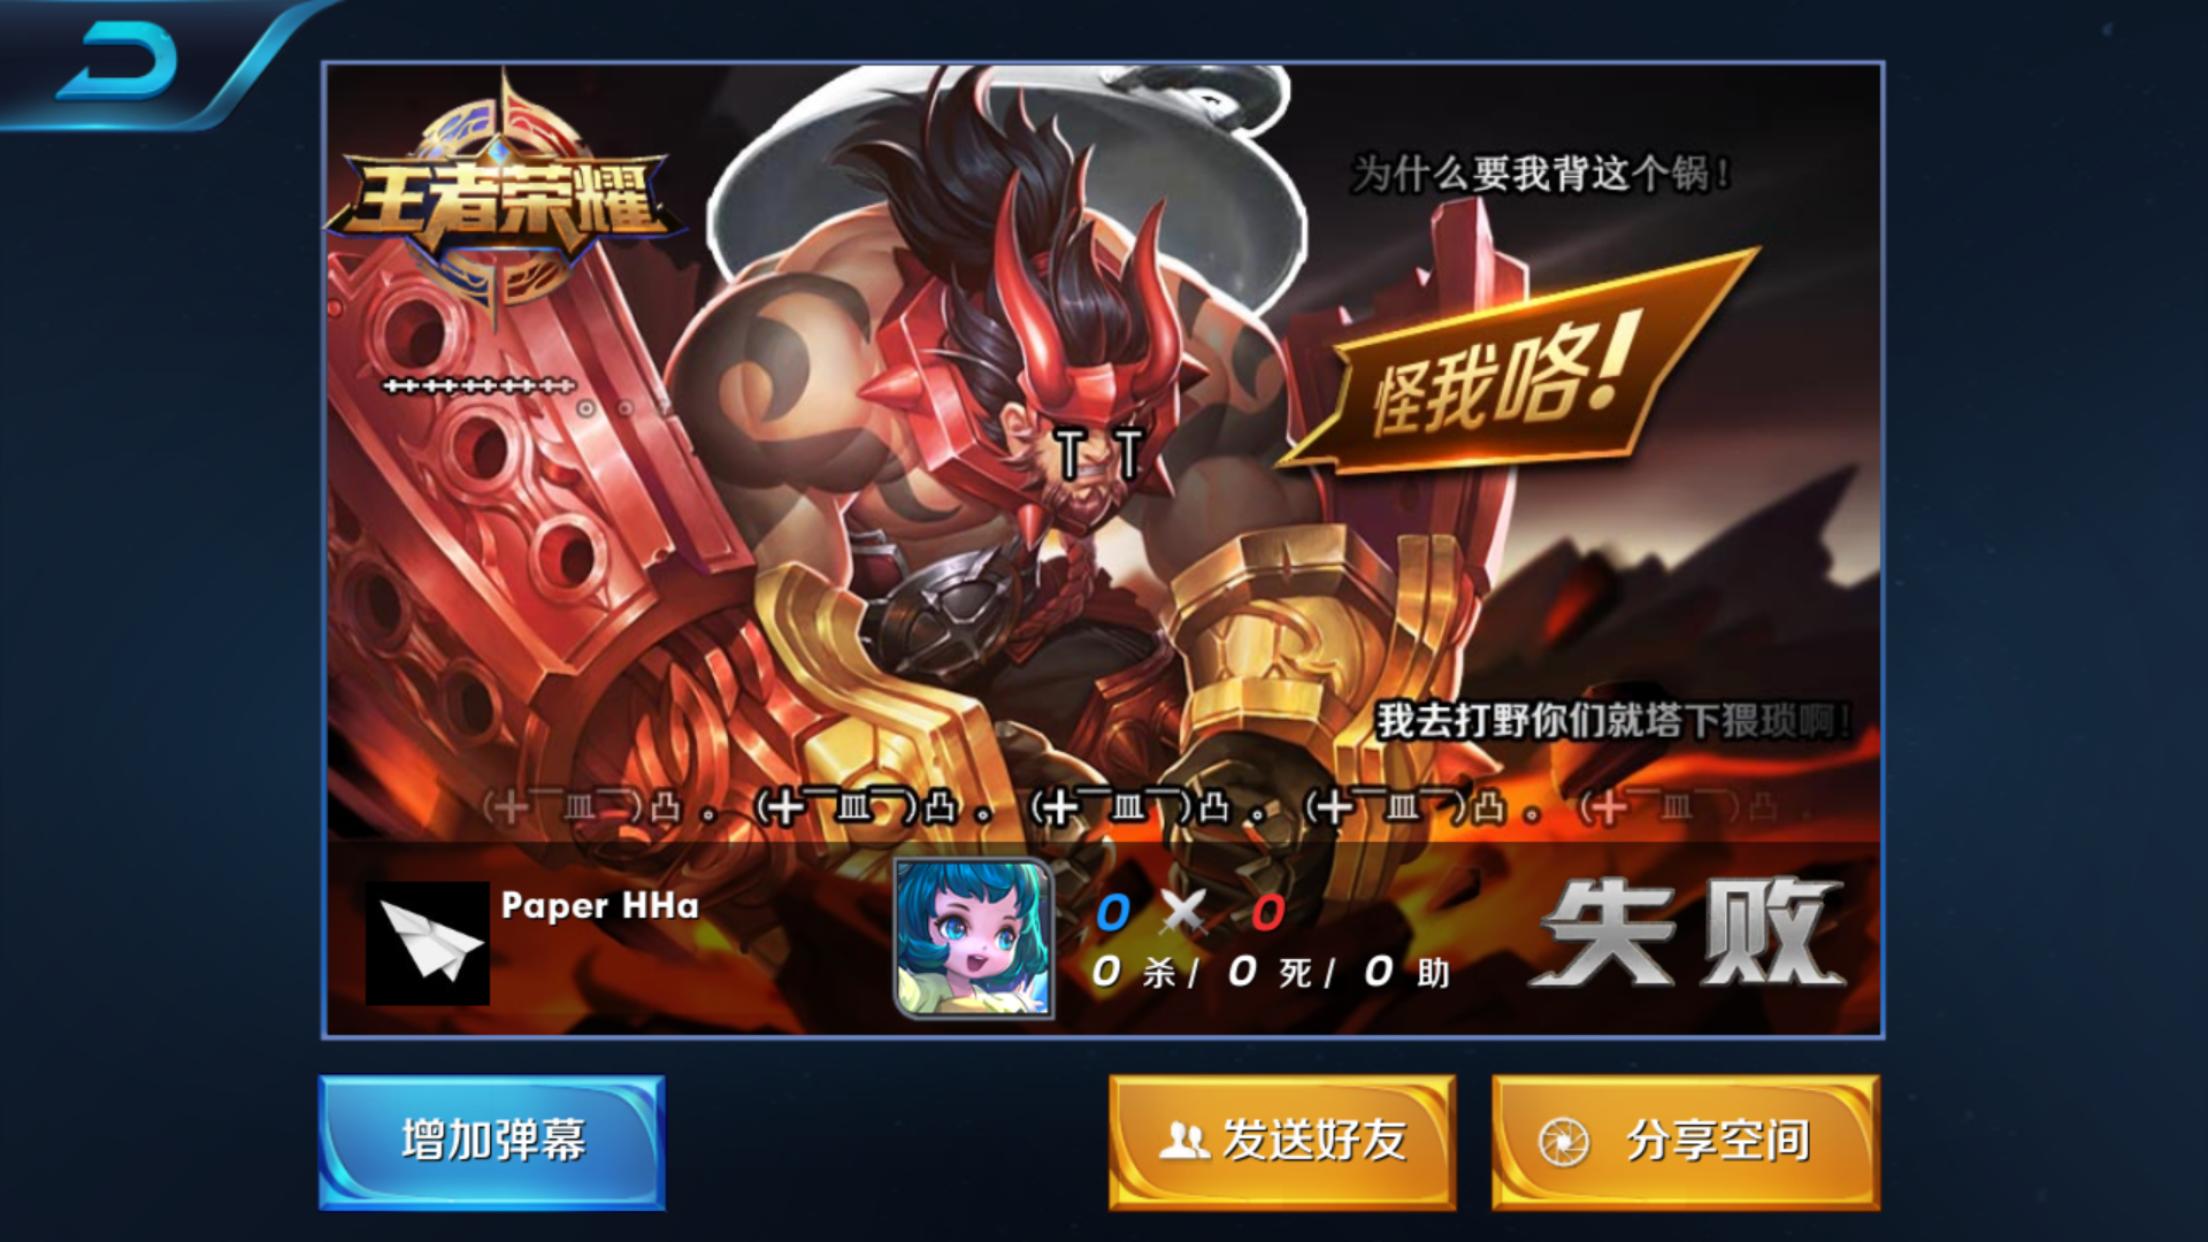 第1弹《王者荣耀英雄皮肤CG》竞技游戏1